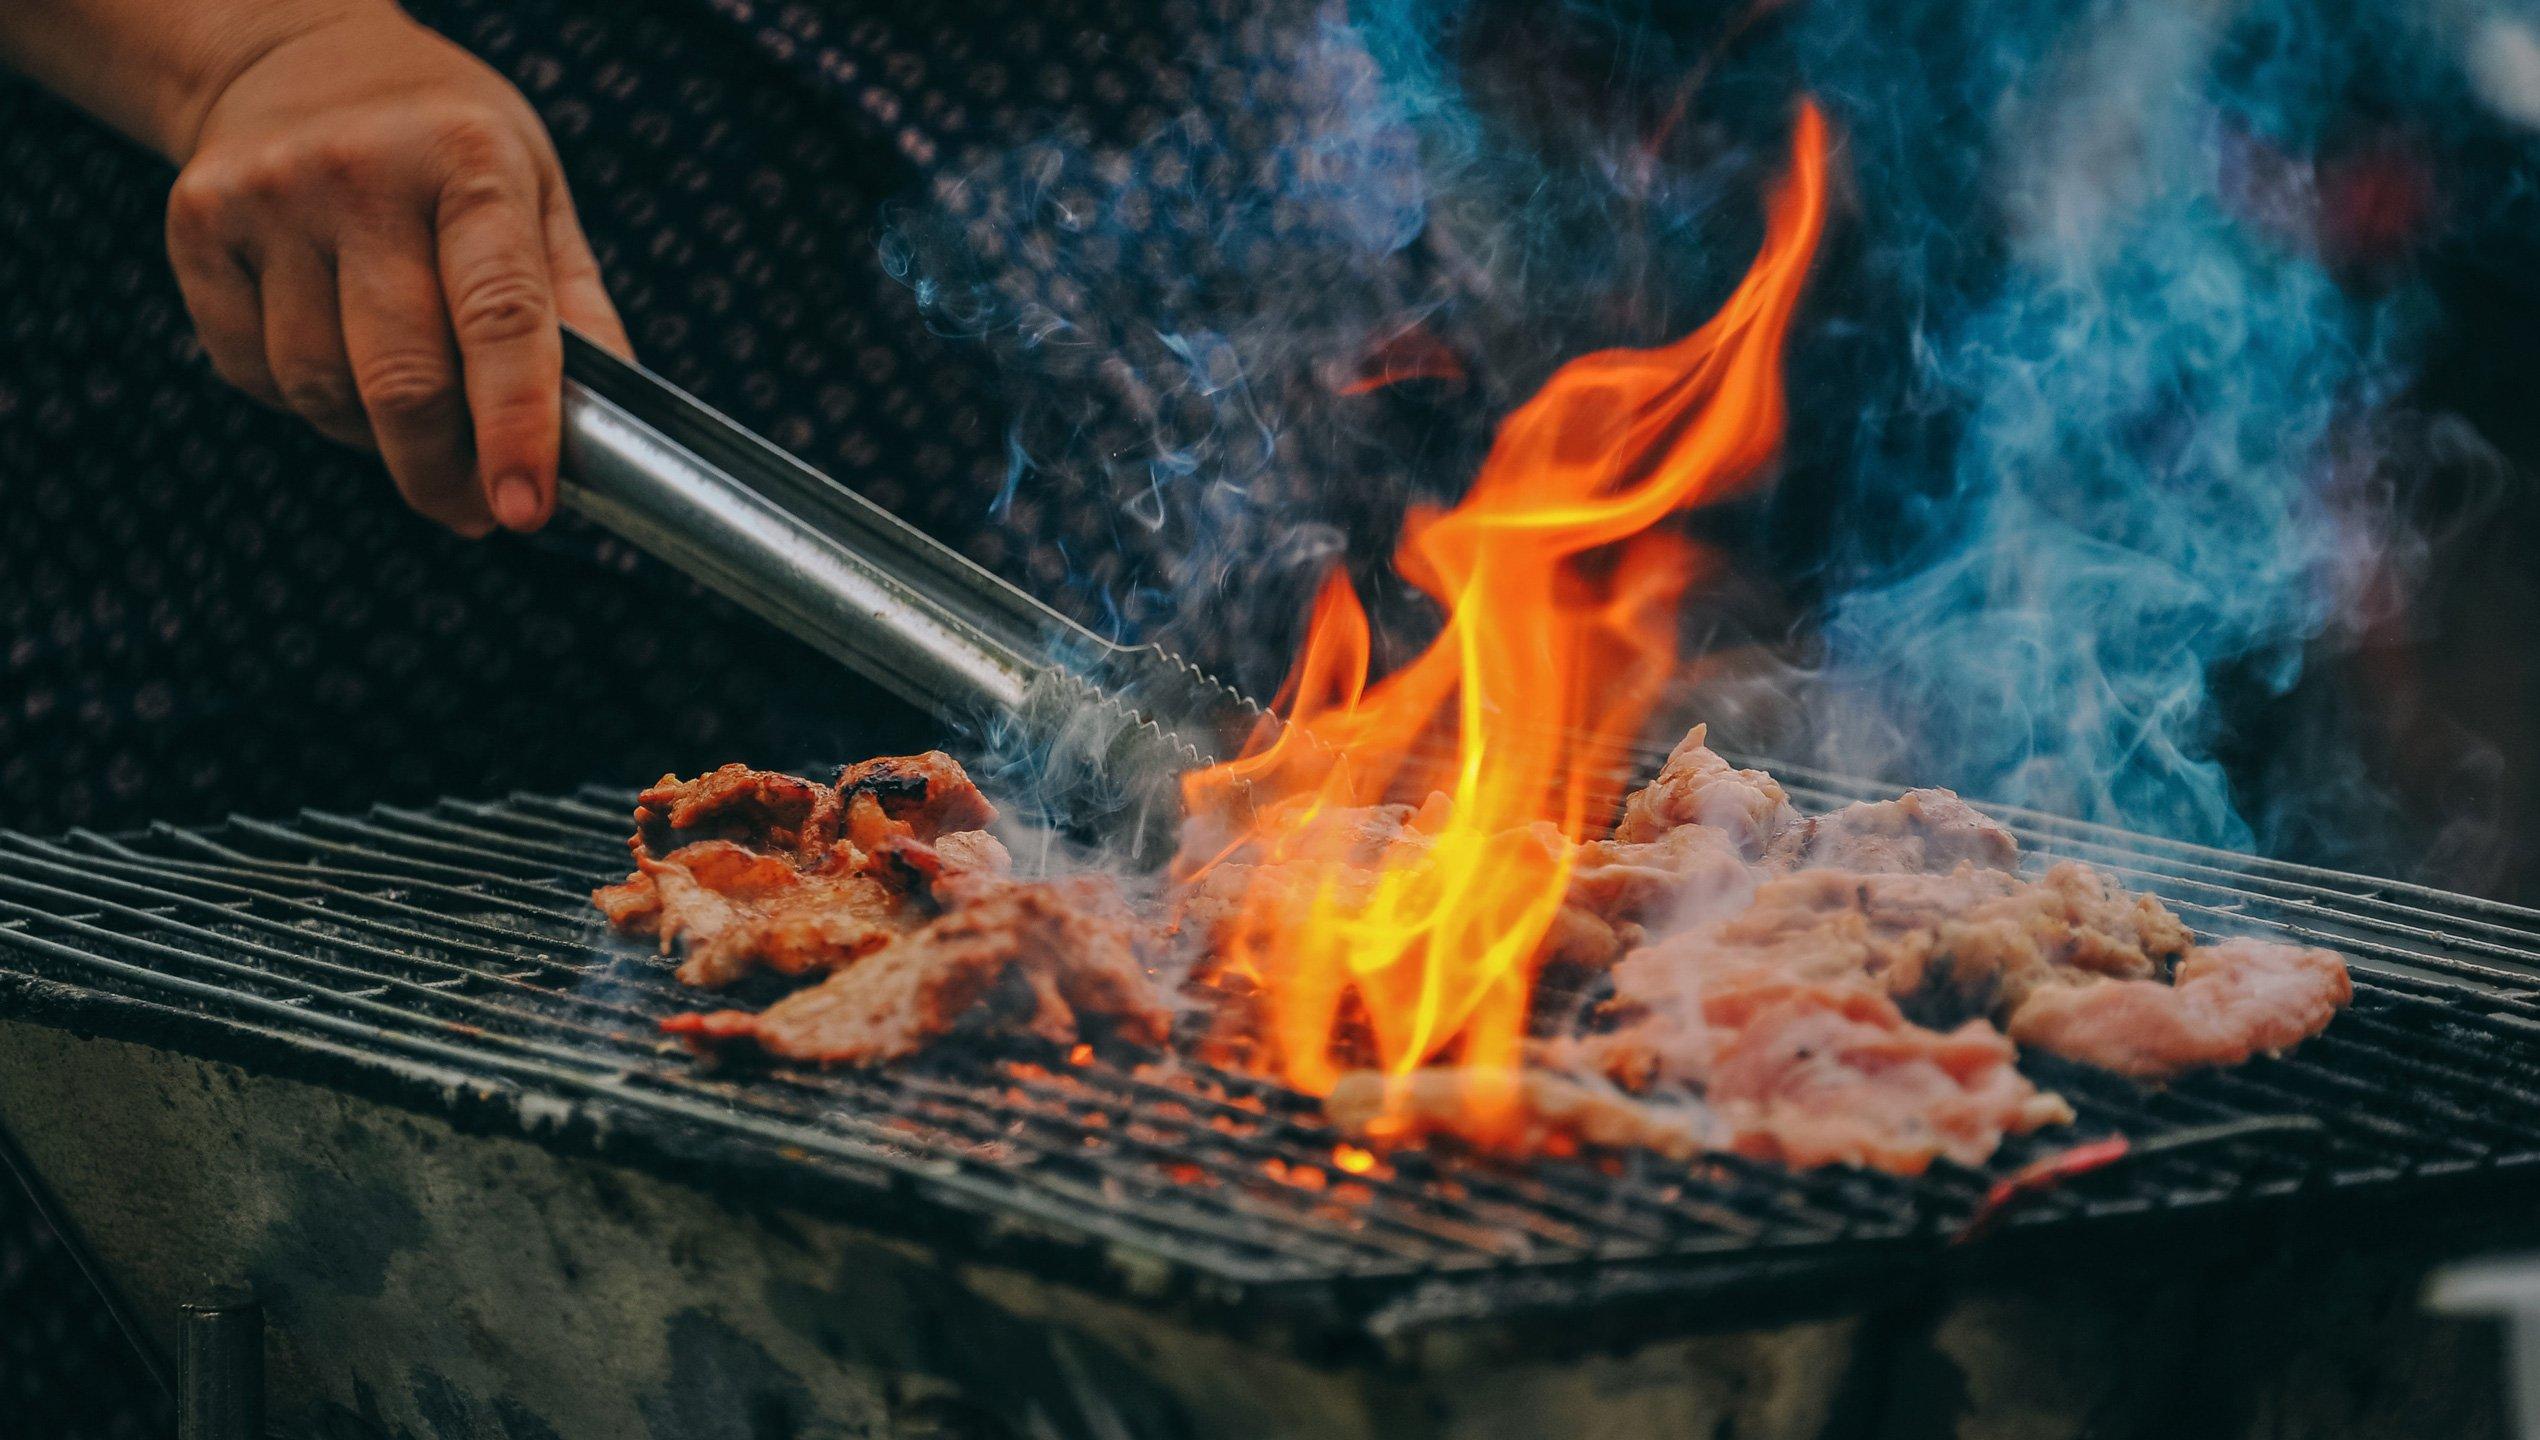 Abbildung zur Privathaftpflichtversicherung - Holzkohlegrill mit Grillfleisch